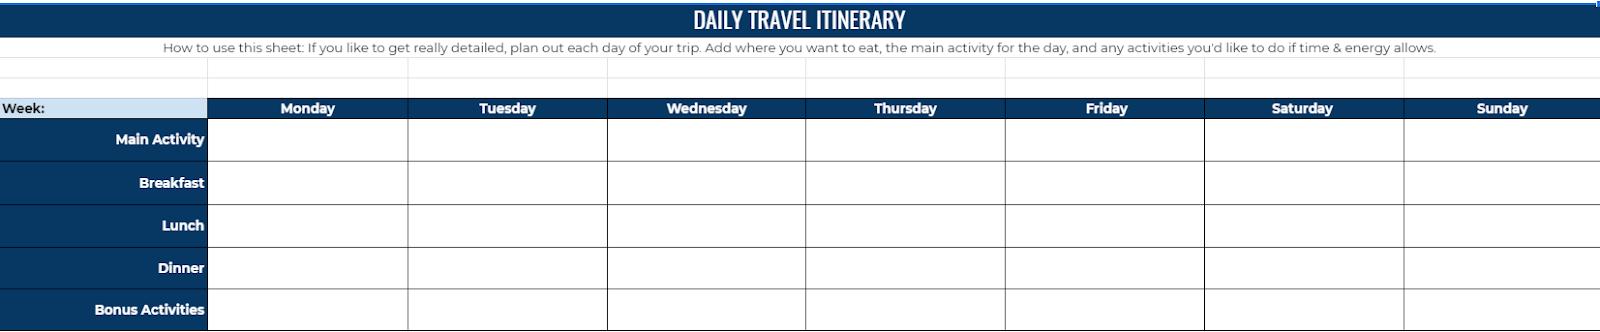 Travel daily itinerary spreadsheet